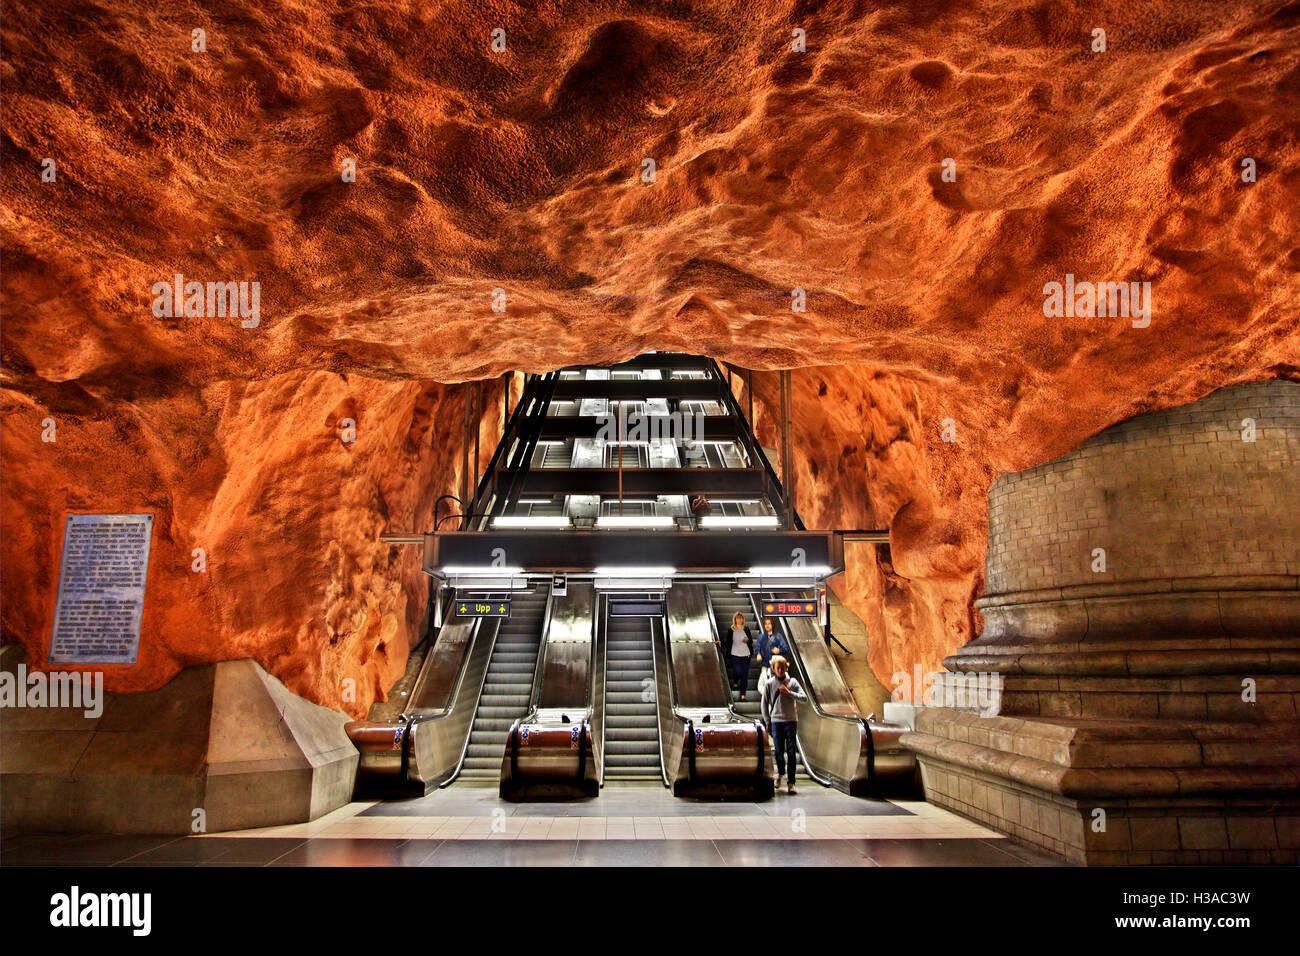 Die beeindruckende Radhuset u-Bahn (Tunnelbana) Station, Stockholm, Schweden. Stockbild